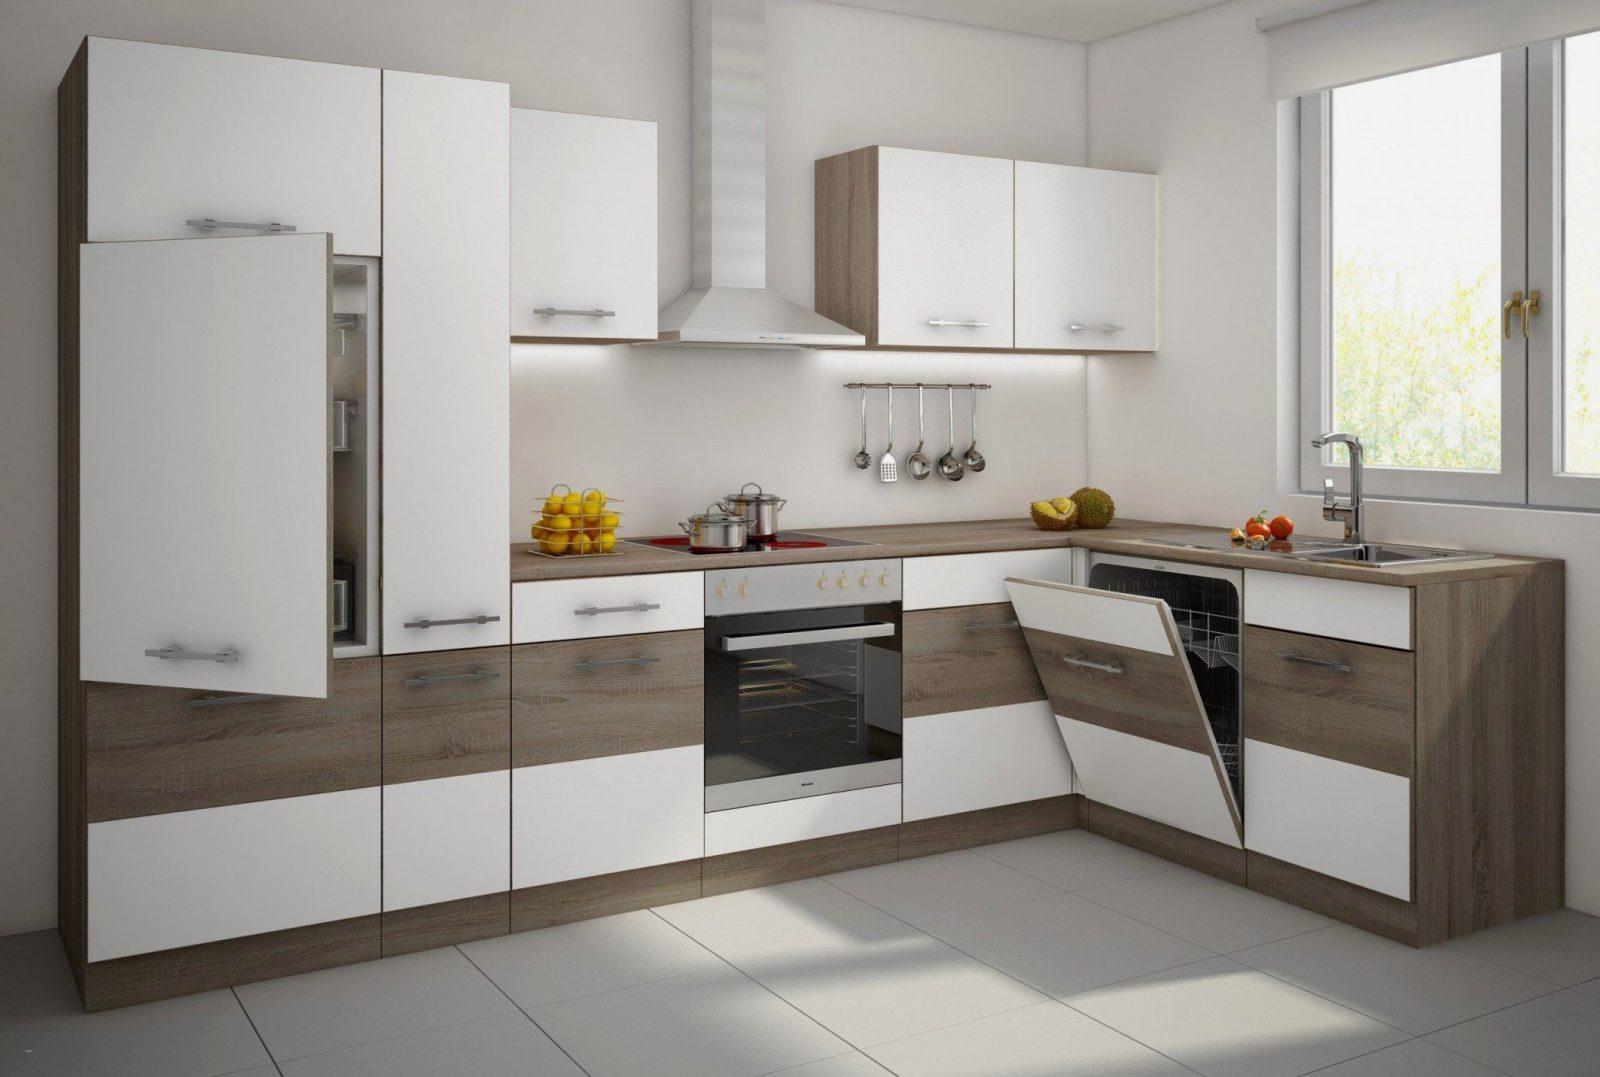 Einbauküchen Günstig Kaufen Brillant Küchen Billig Gebraucht Ideas von Küchen Günstig Kaufen Gebraucht Photo